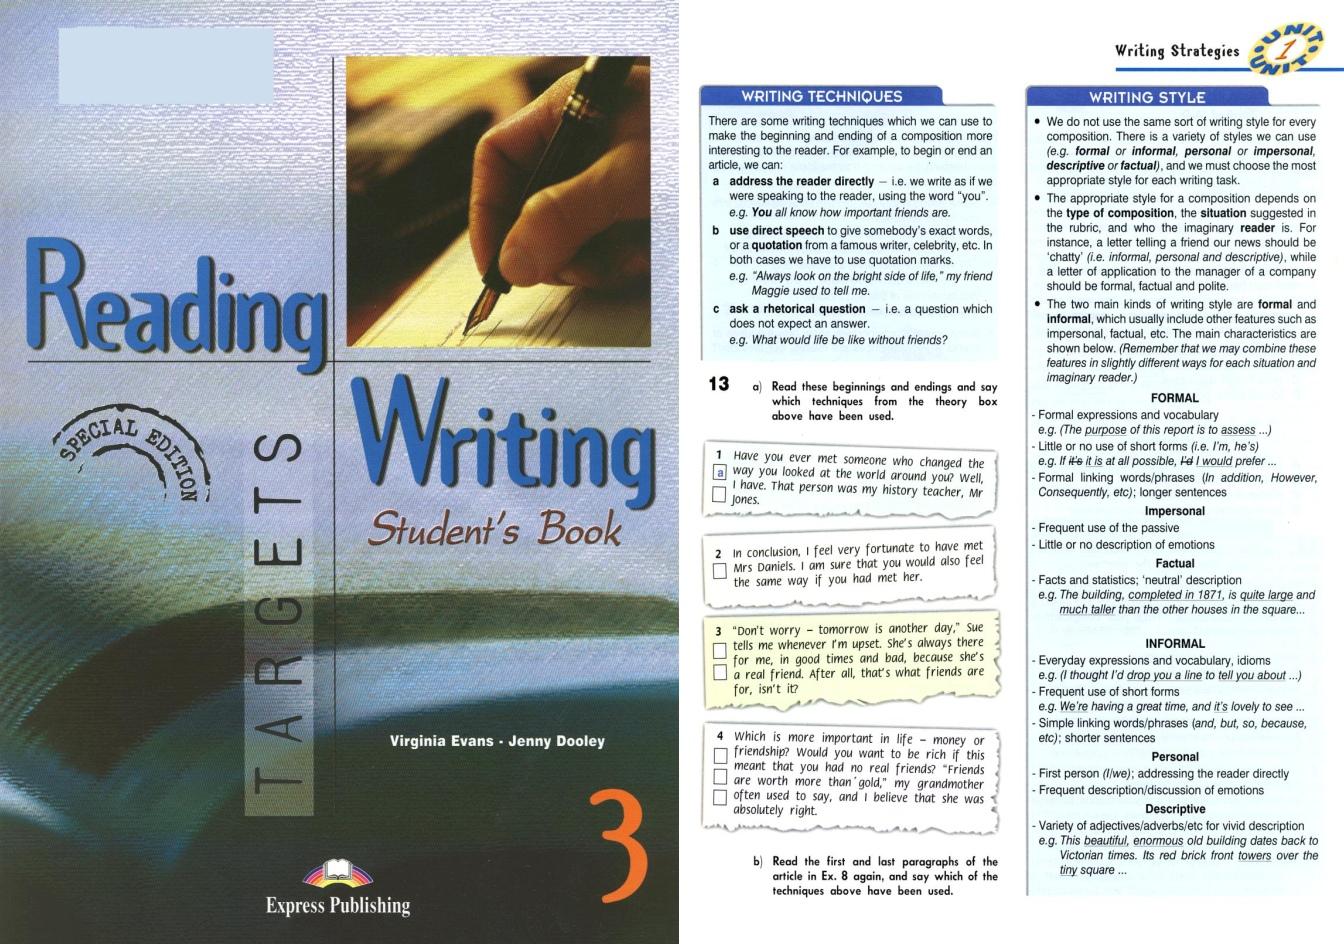 اهداف القراءة والكتابة Pp09lU6jyQU.jpg